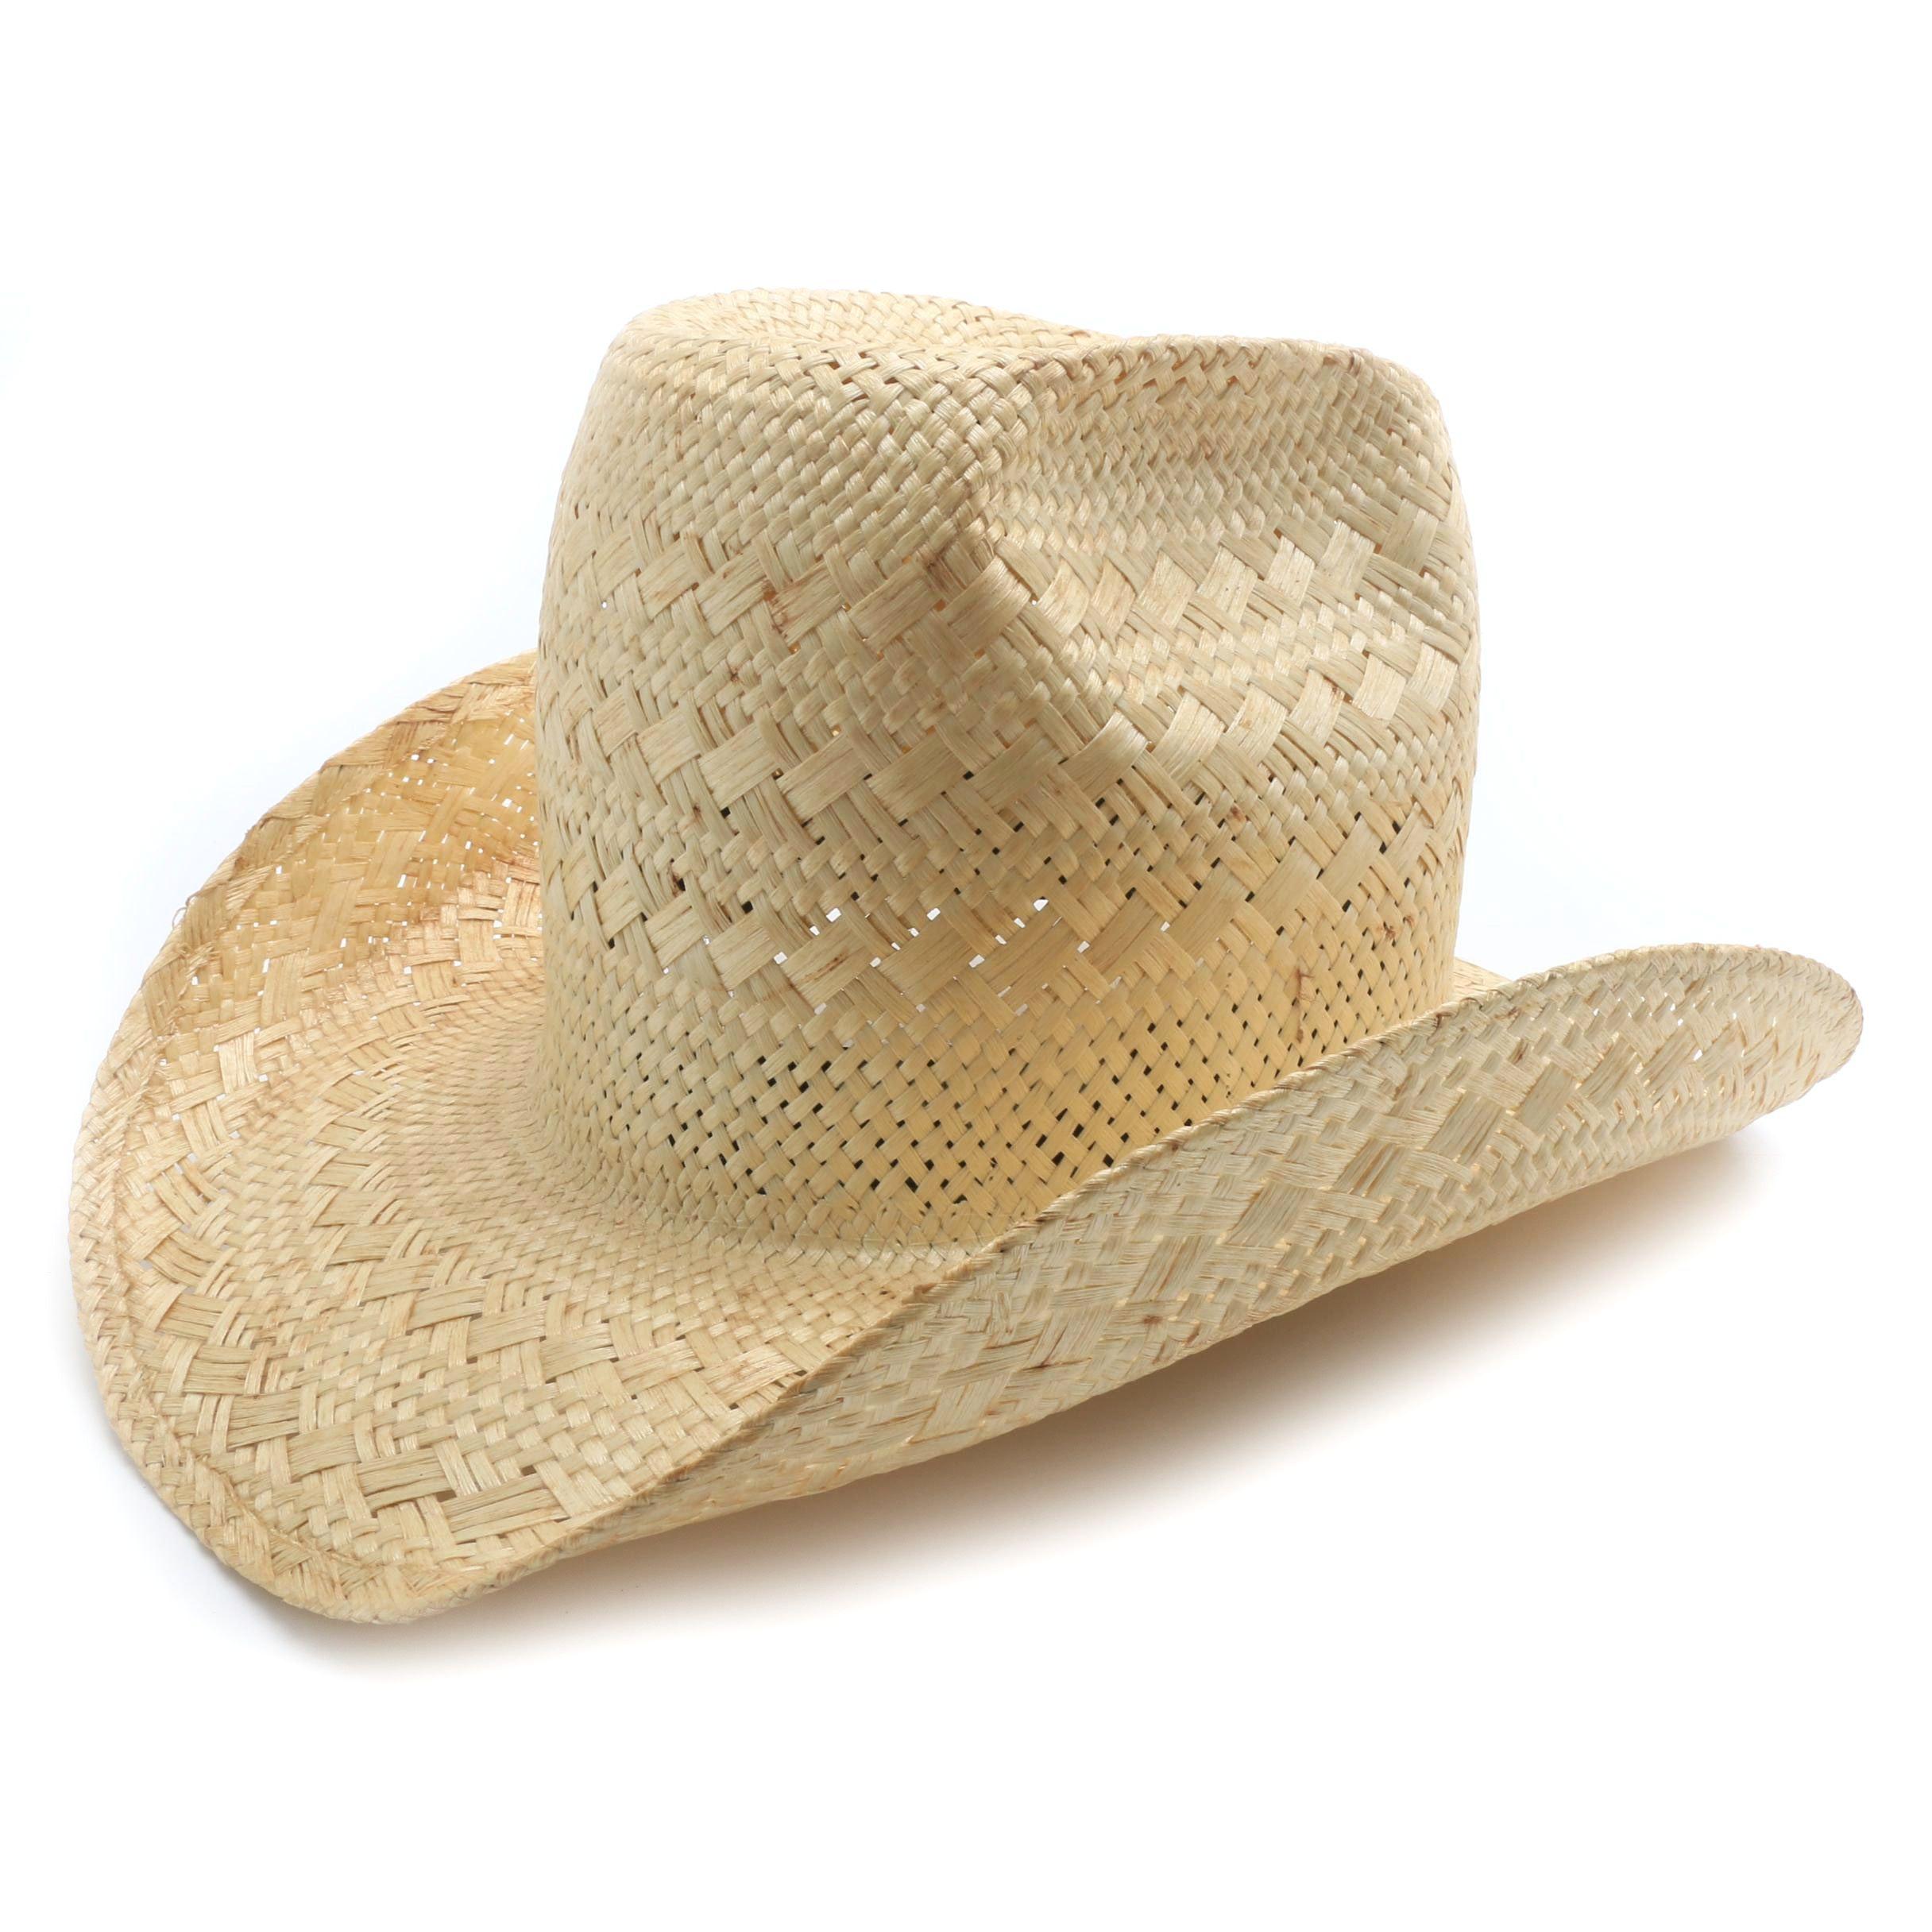 Stetson Roadrunner Woven Straw Hat